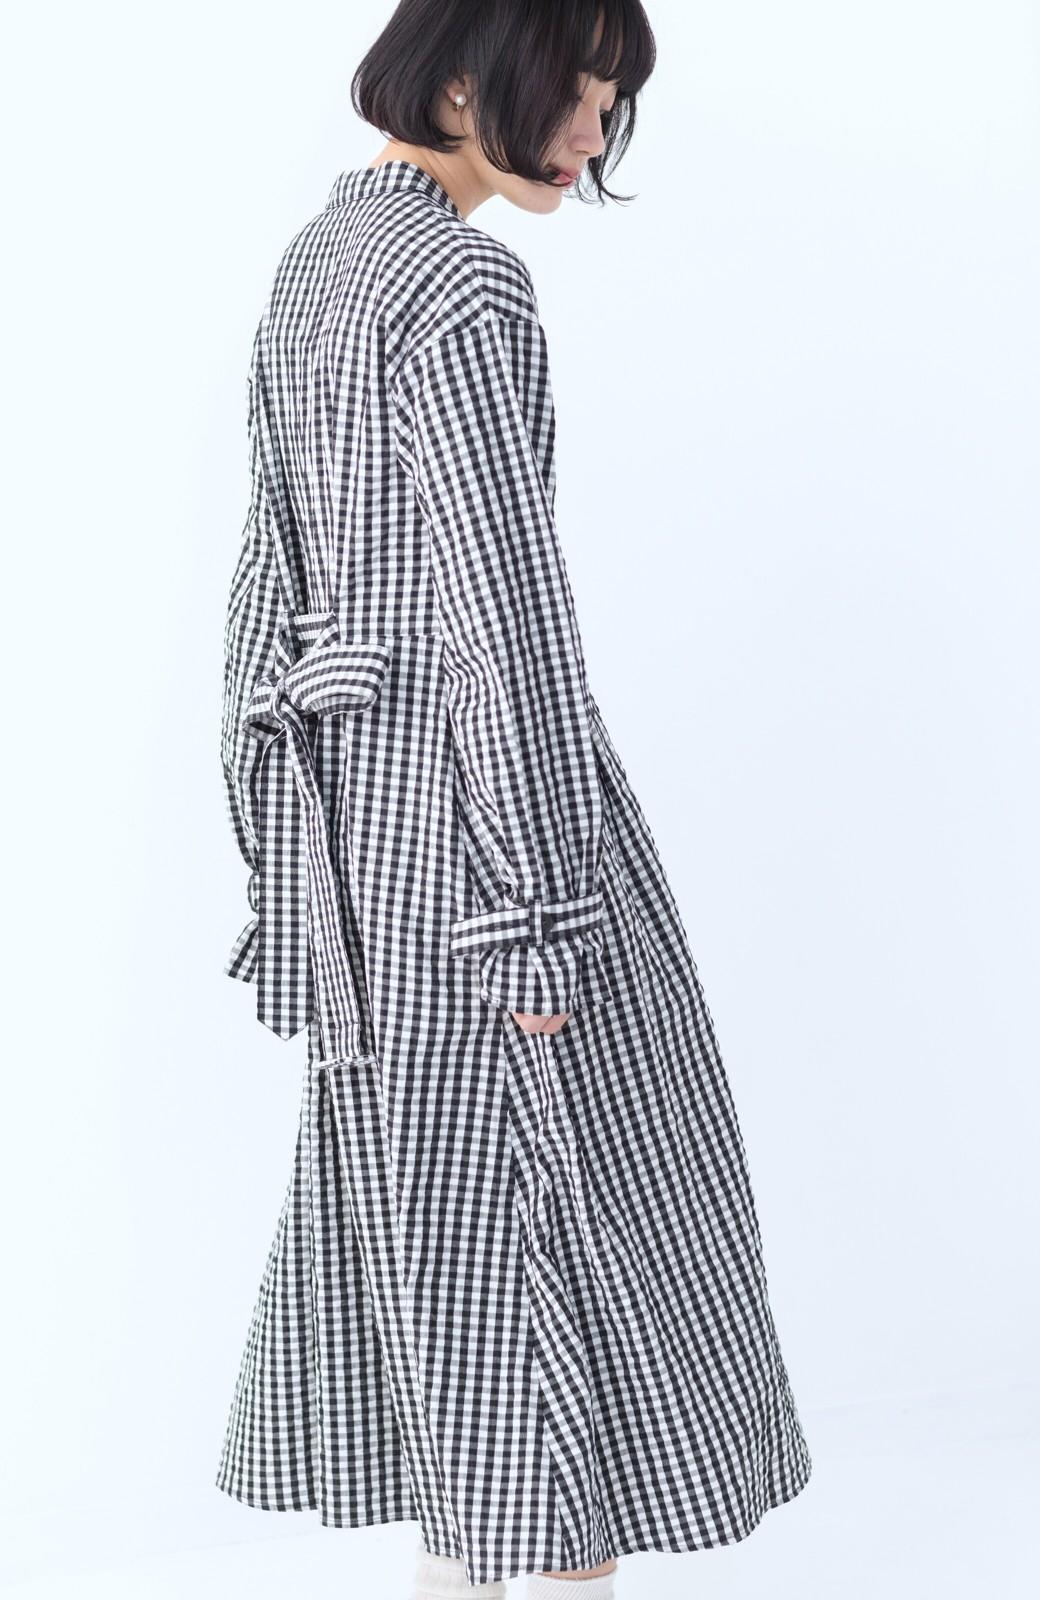 haco! いつものコーデに華やぎを添える ワンピースとしても着られるギンガムライトアウター <ブラック>の商品写真15